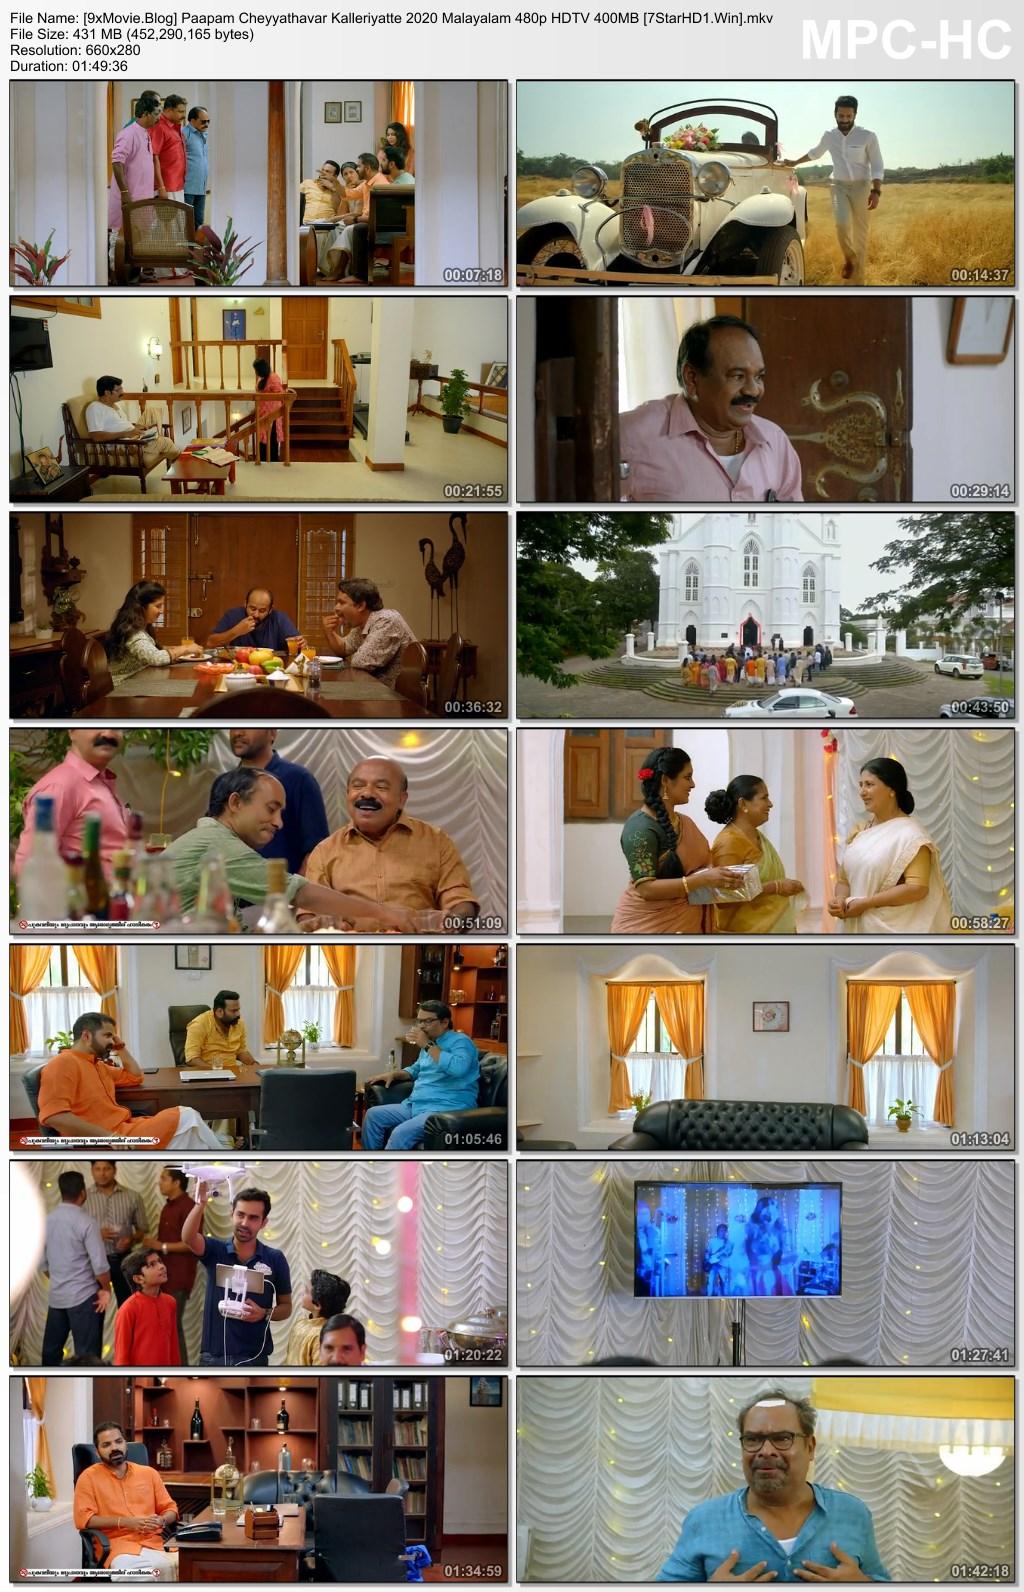 Paapam Cheyyathavar Kalleriyatte 2020 Malayalam 480p HDTV x264 400MB